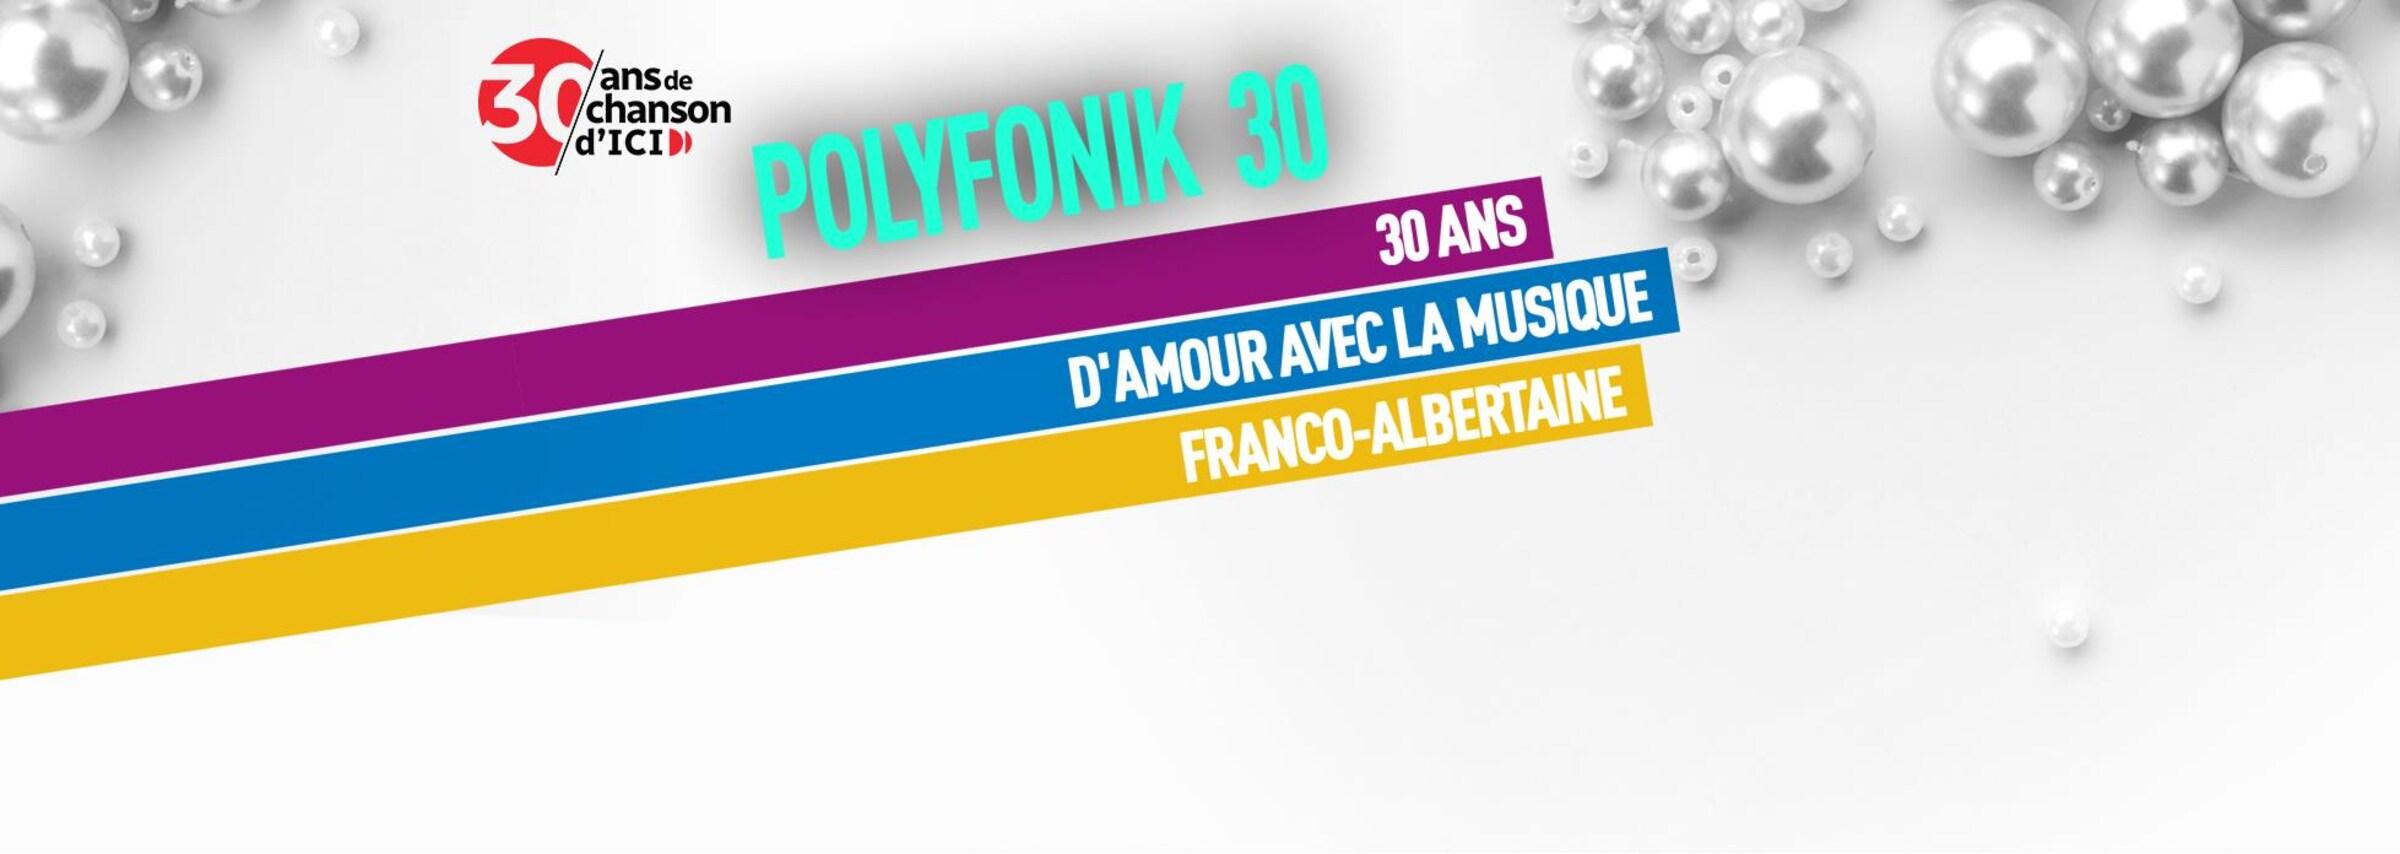 Polyfonik 30 30 ans d'amour avec la musique franco-albertaine